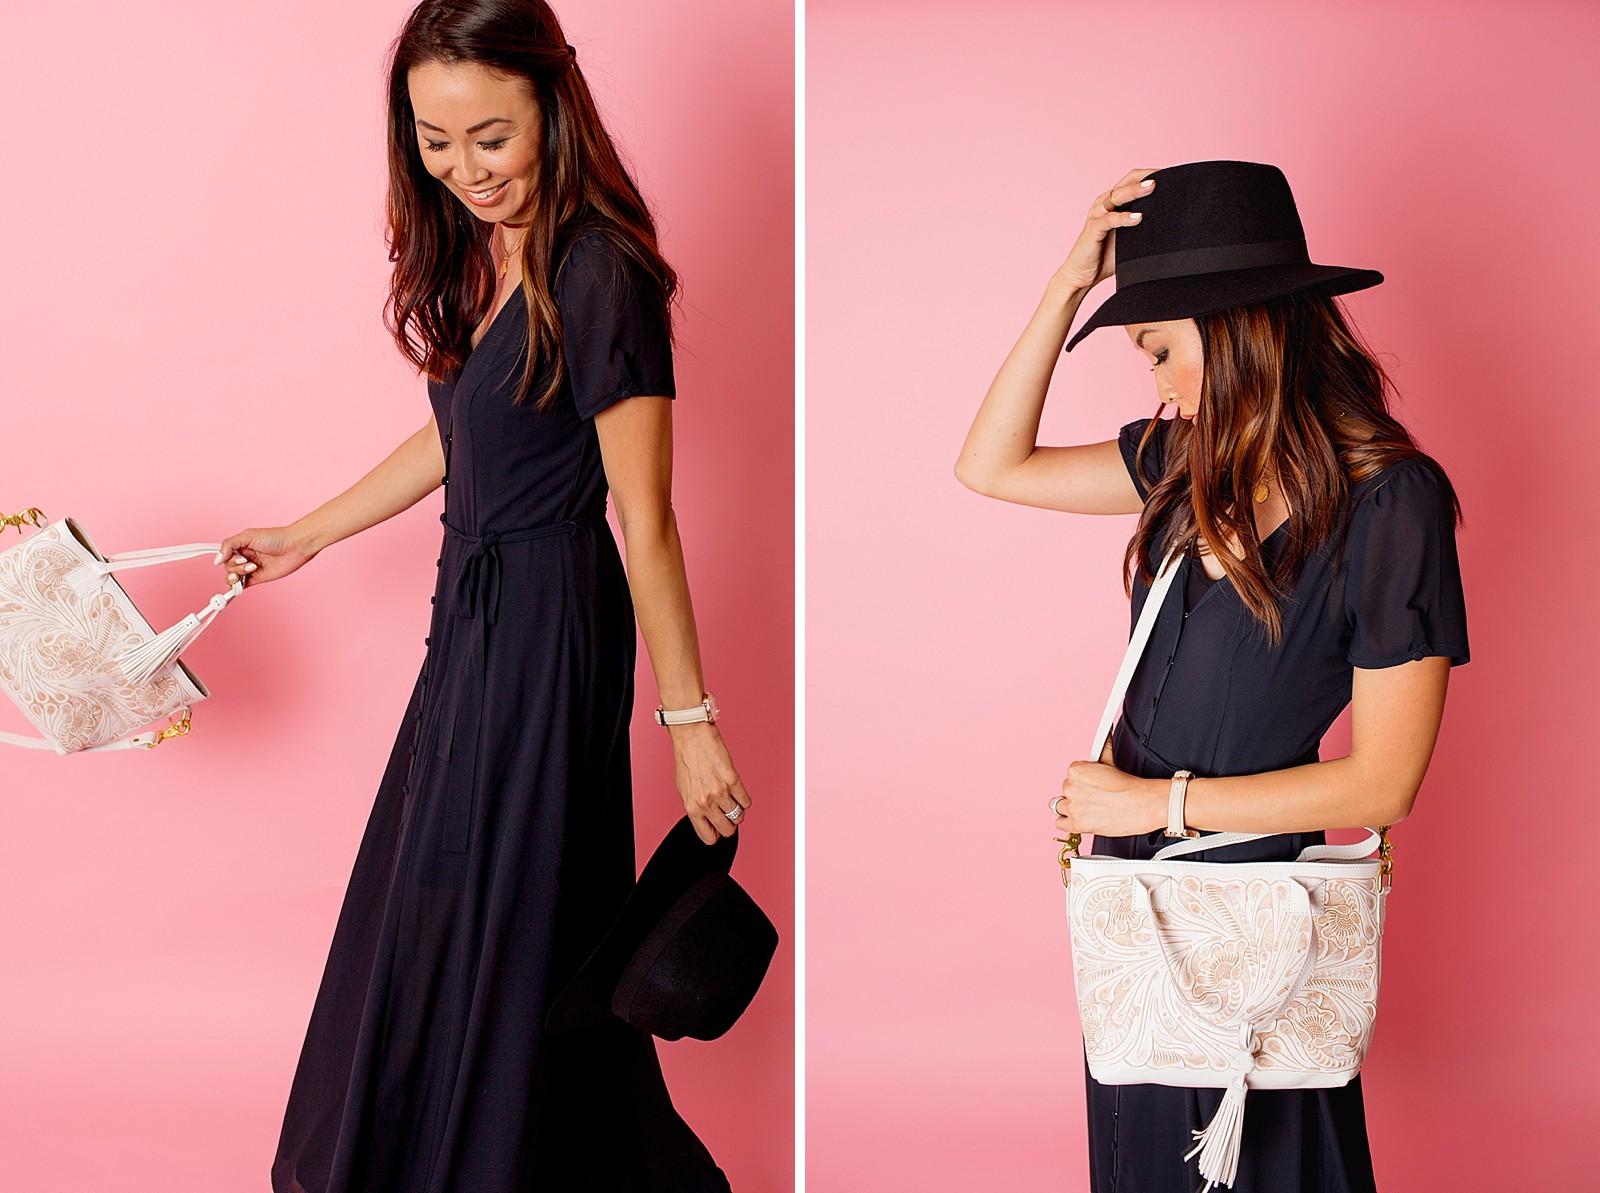 leather-tooled-purse-white-handbag-mexico-buy-order-chiseled-western-tassel-tote-purse-diana-elizabeth-lifestyle-fashion-blogger-phoenix-arizona-1574